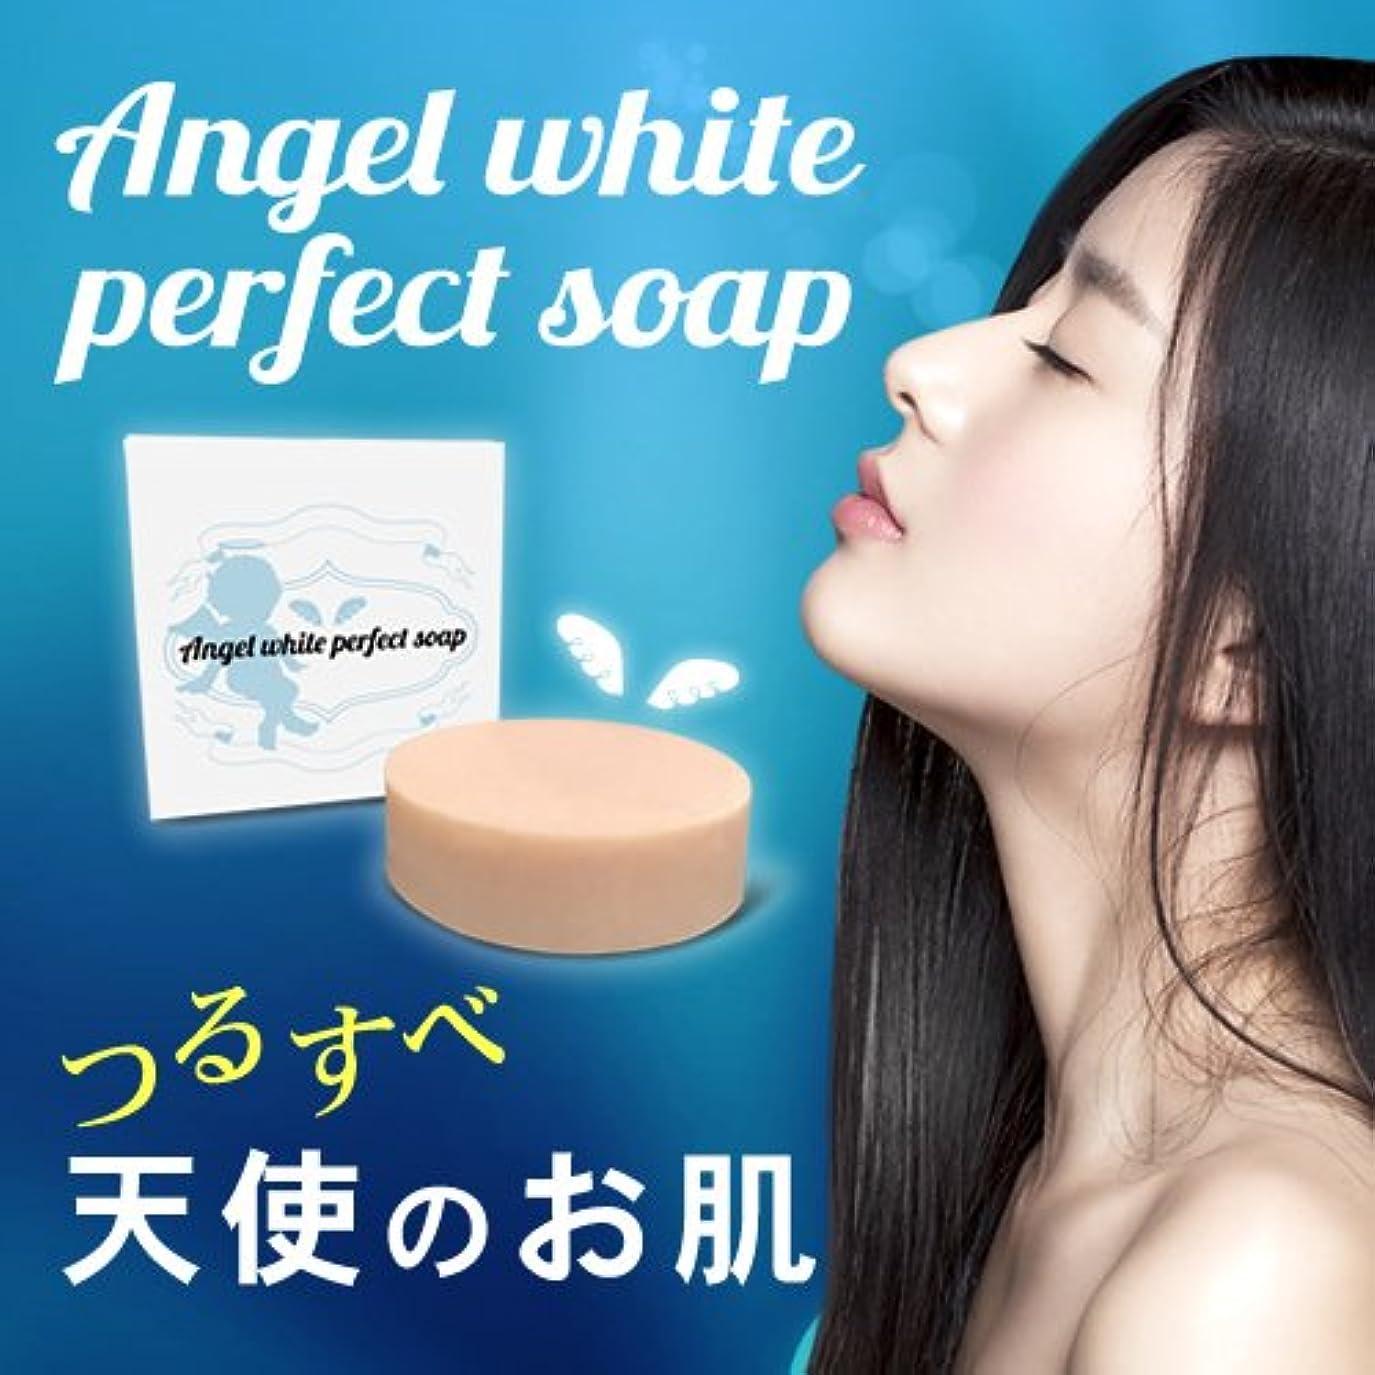 港メディック政府Angel White Perfect Soap(エンジェルホワイトパーフェクトソープ) 美白 美白石けん 美肌 洗顔石鹸